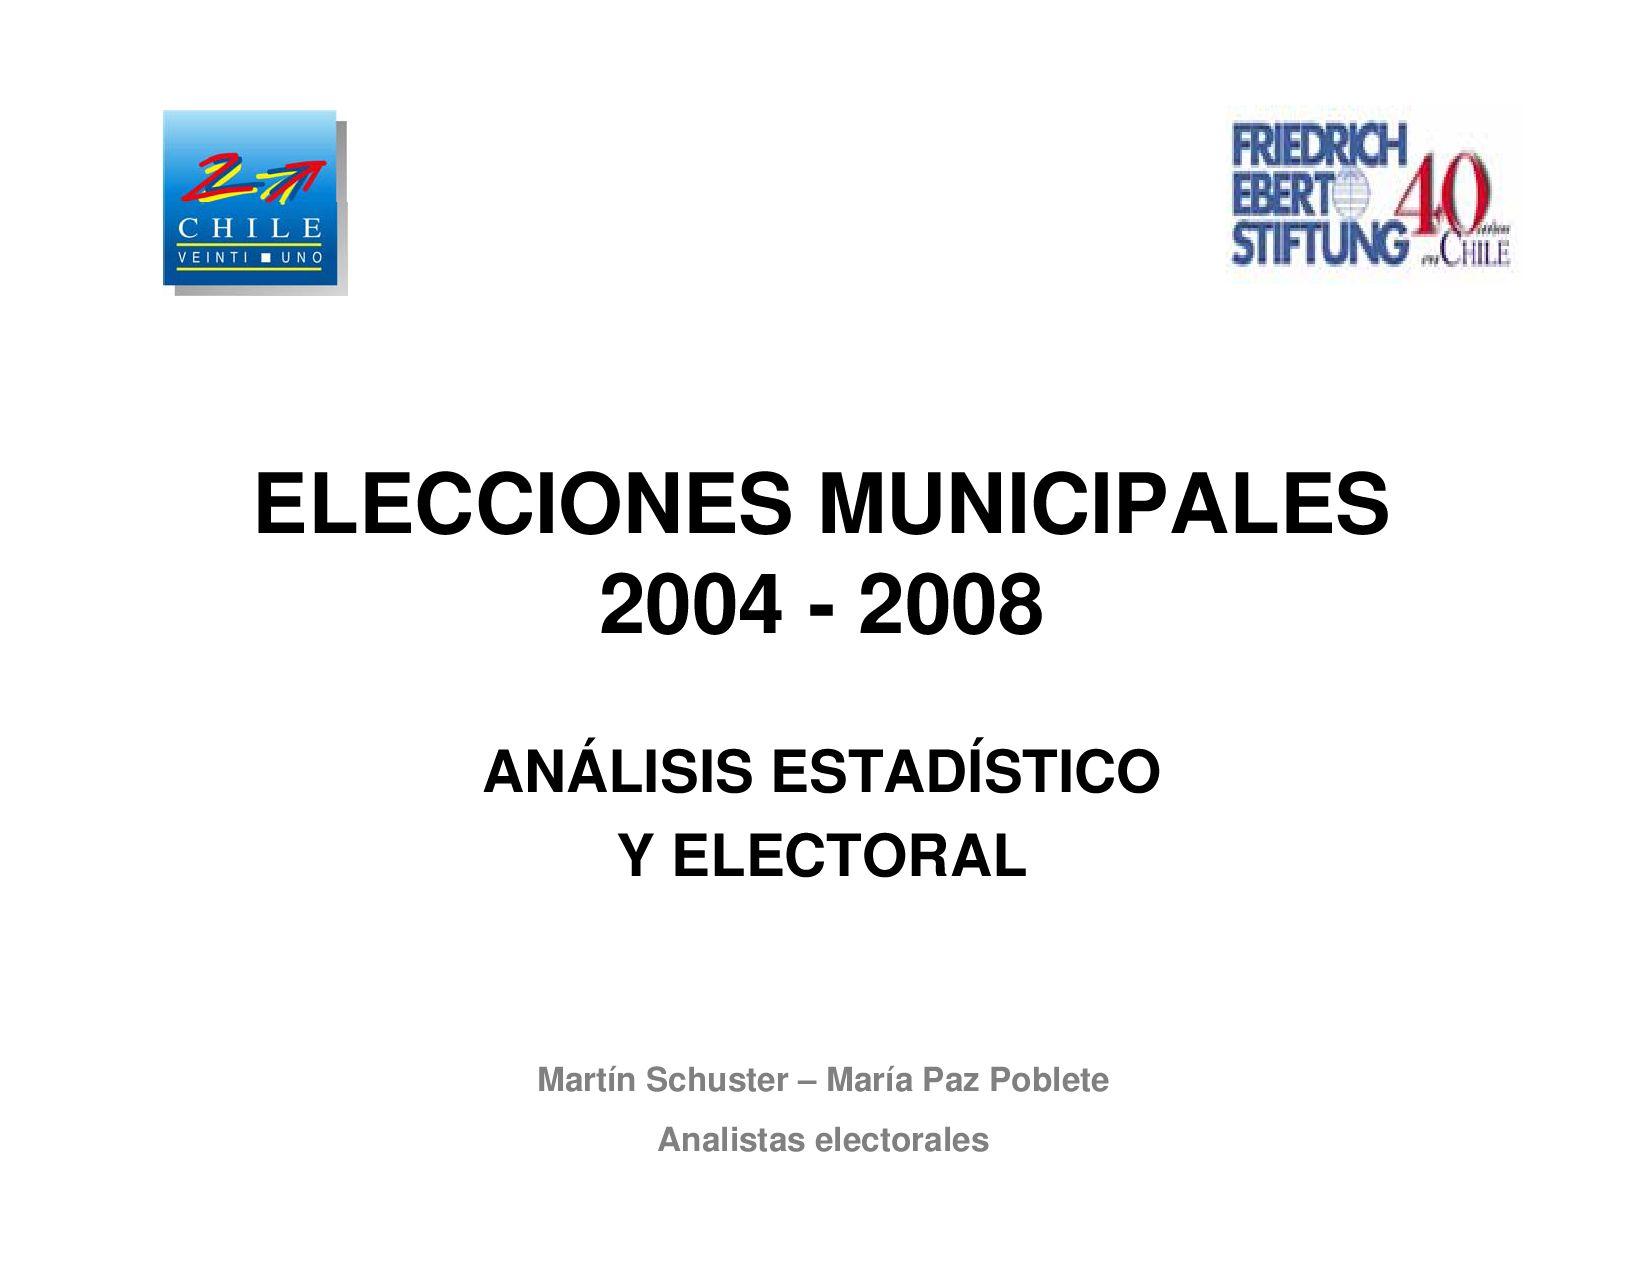 Resultados electorales elecci n municipal 2008 by for Resultados elecciones ministerio interior